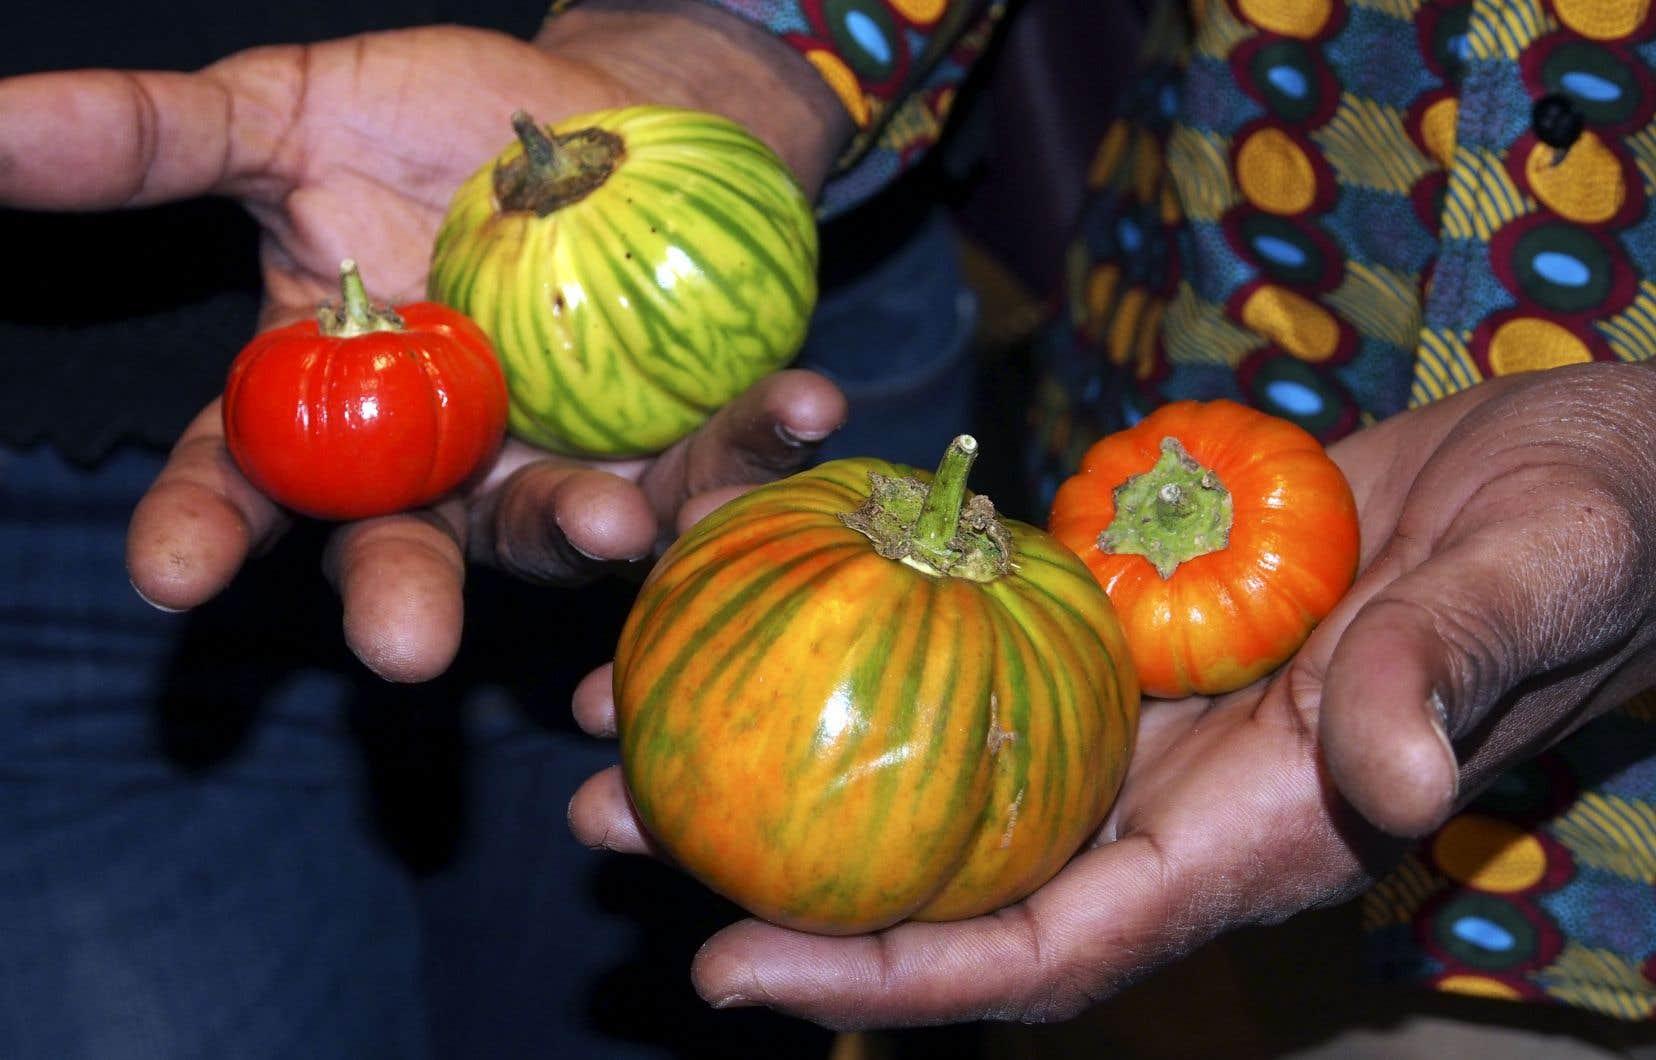 Les aubergines africaines sont de format moyen et de forme ronde, et elles sont soit vertes zébrées, soit d'un orange éclatant.